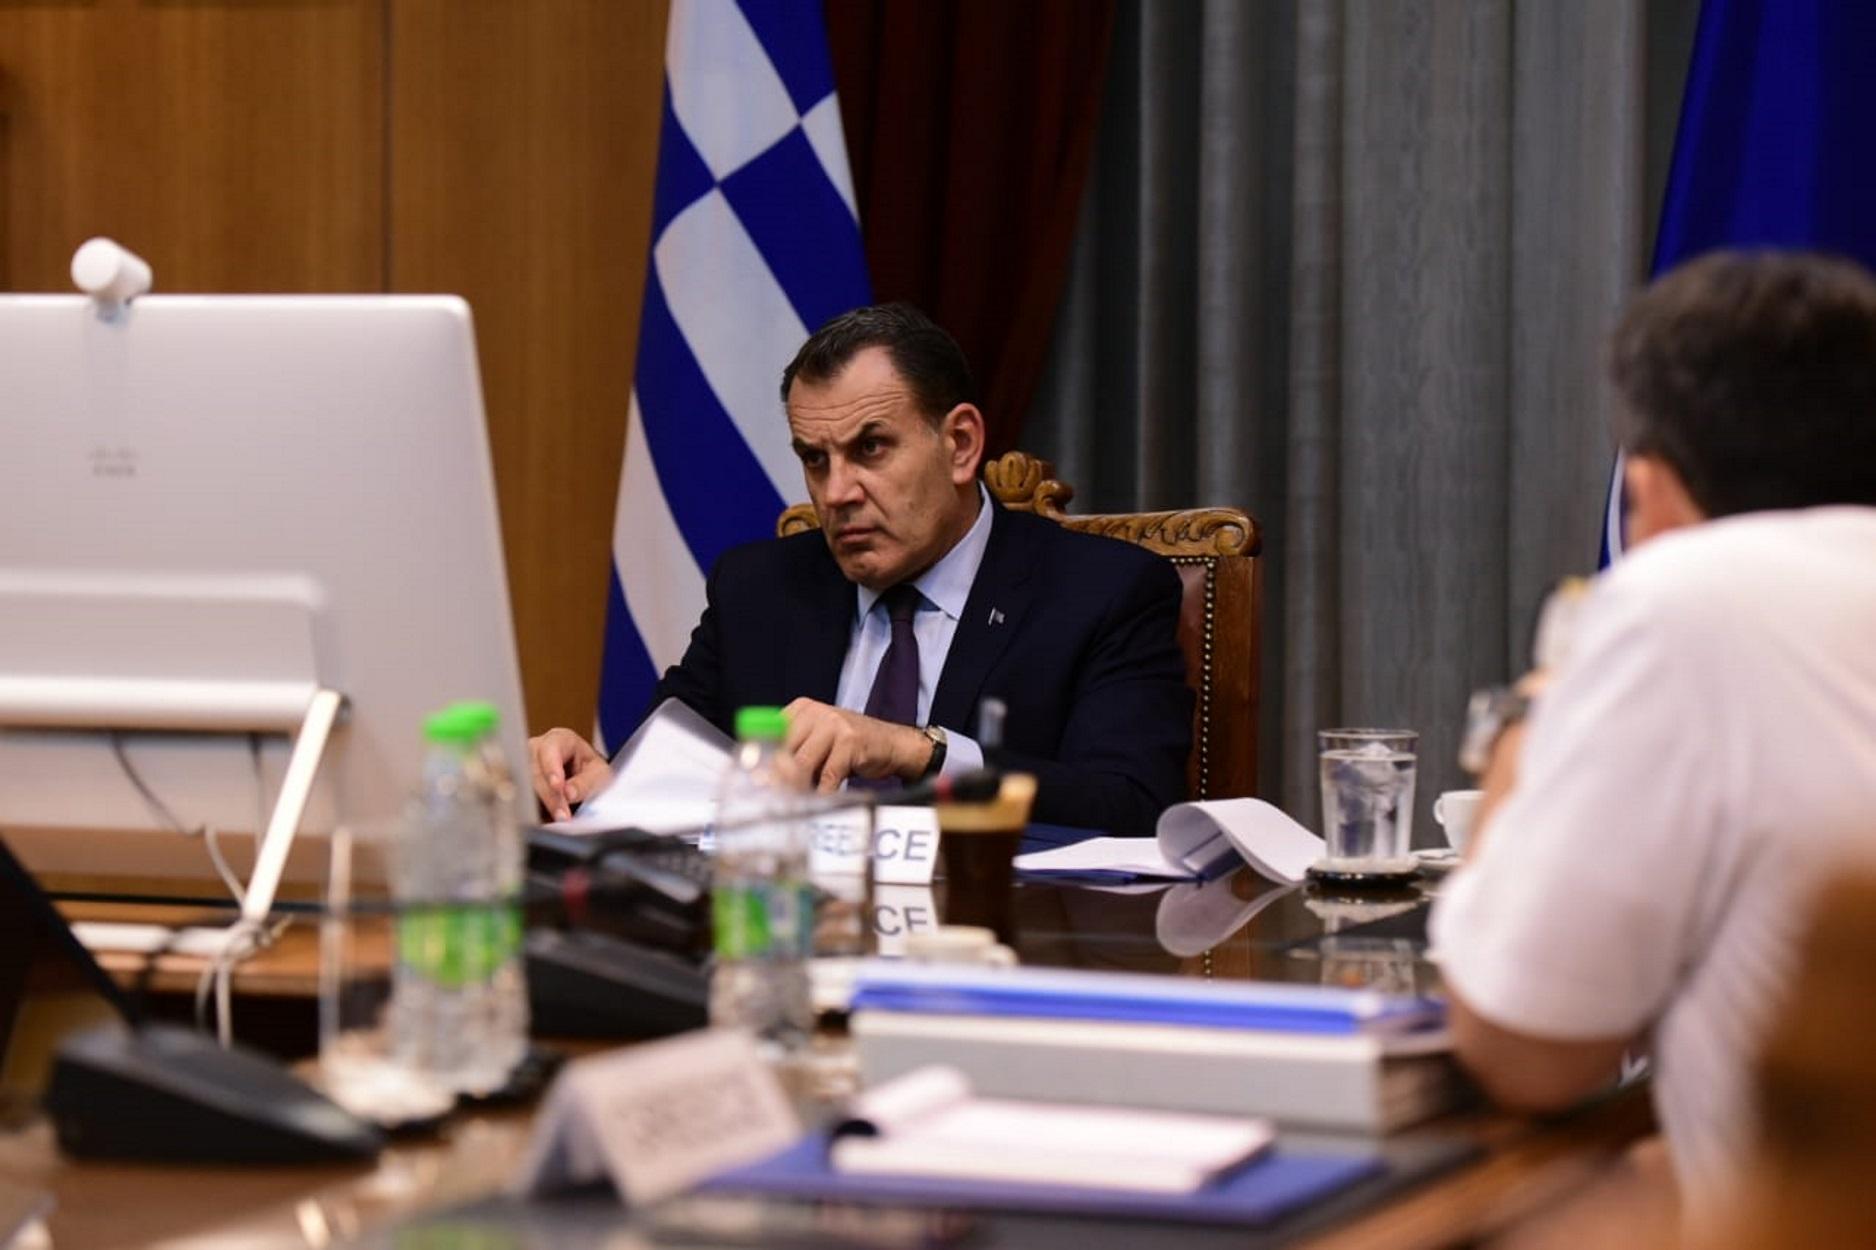 Νίκος Παναγιωτόπουλος σε τηλεδιάσκεψη